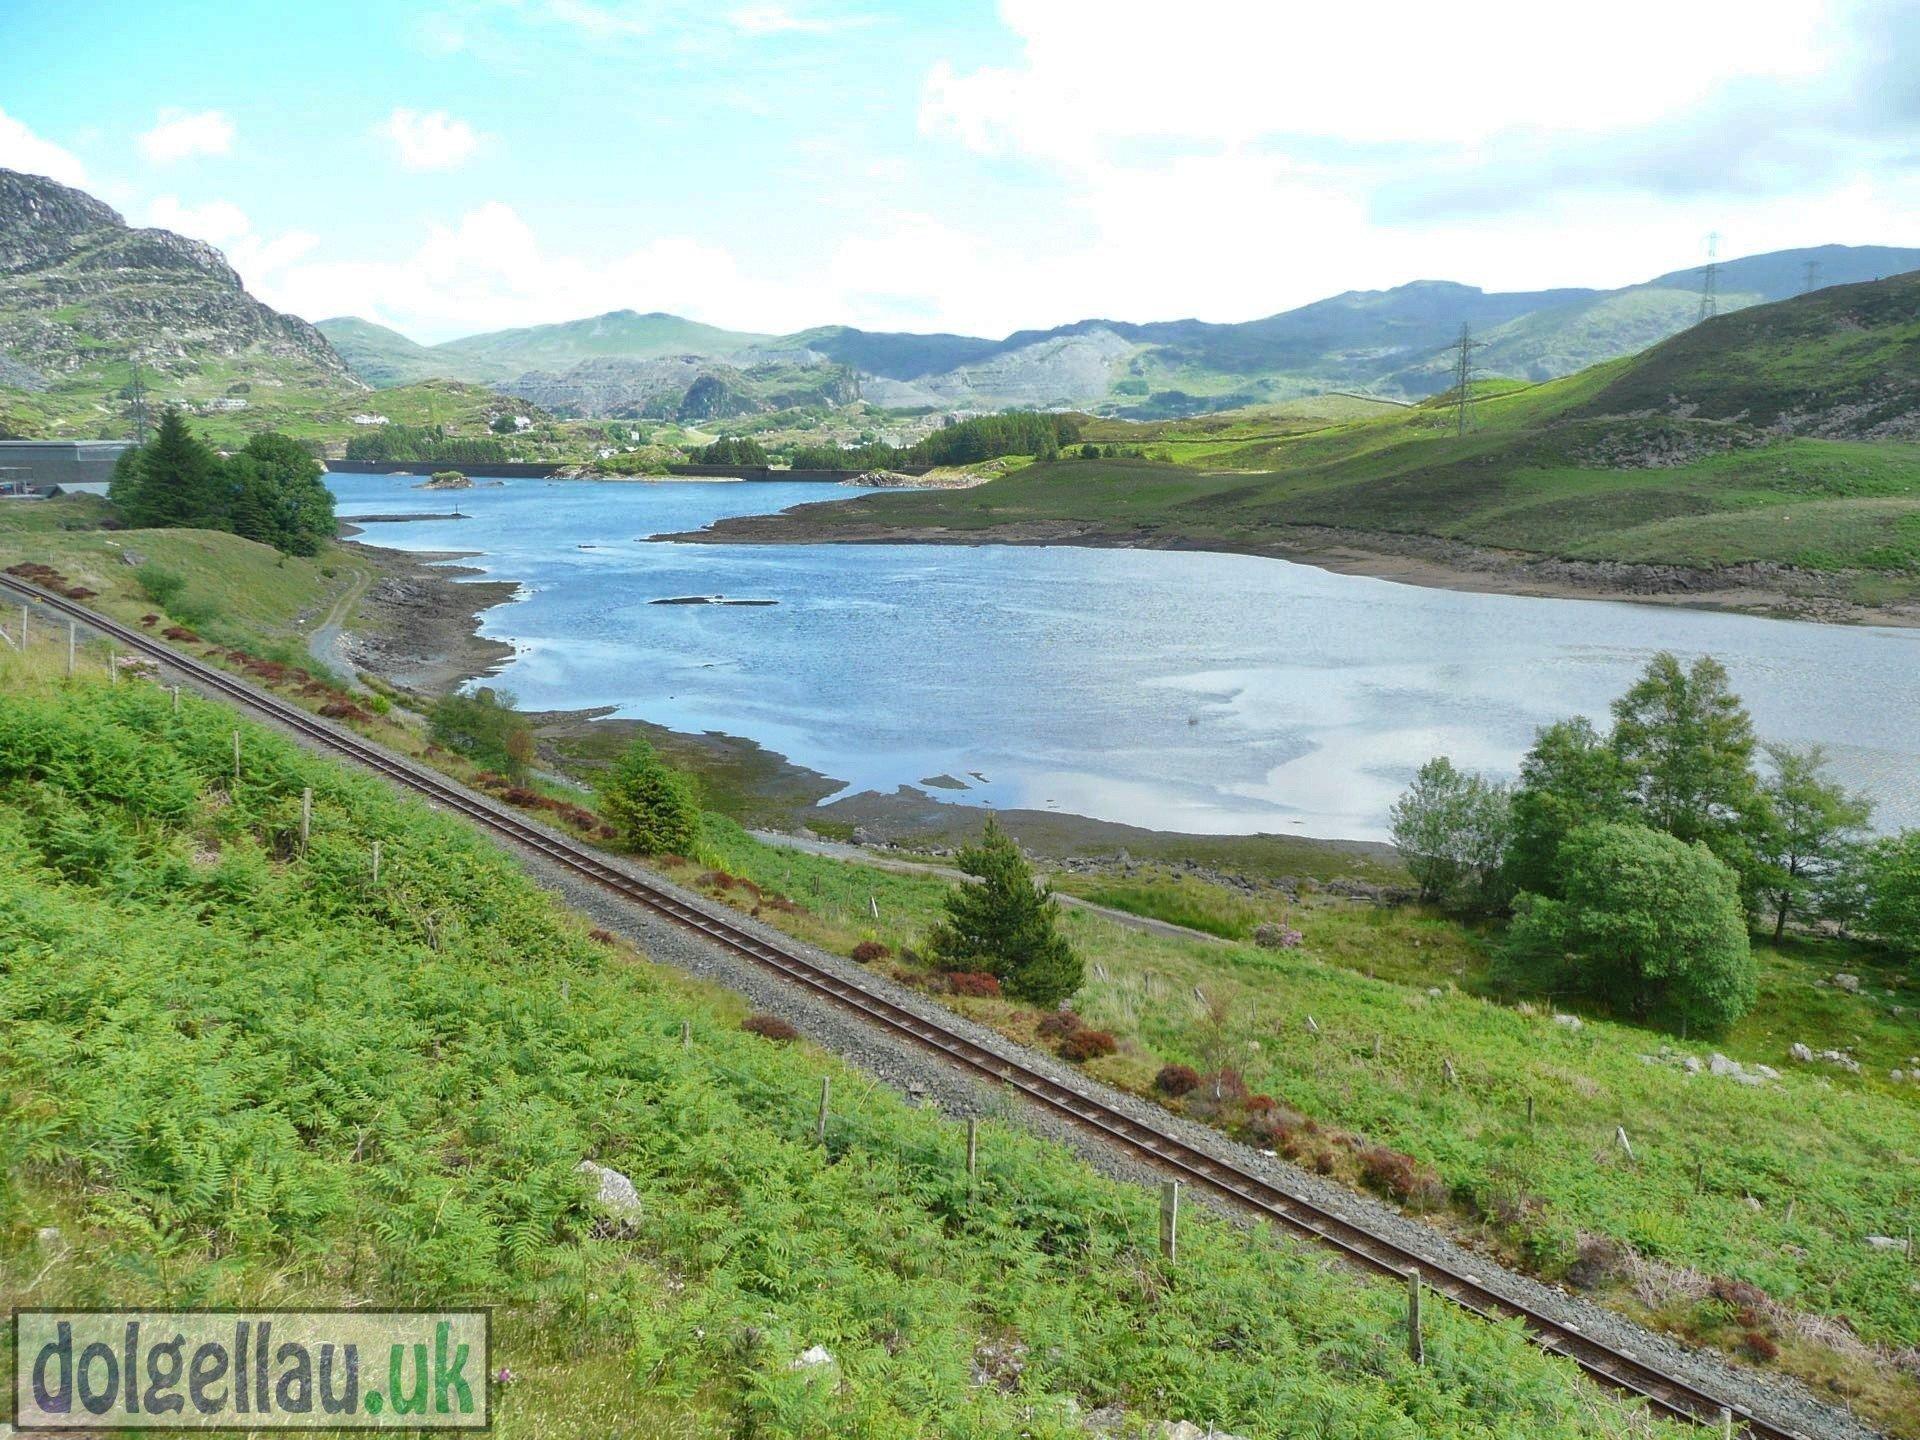 Tanygrisiau Reservoir & Ffestiniog Railway Line